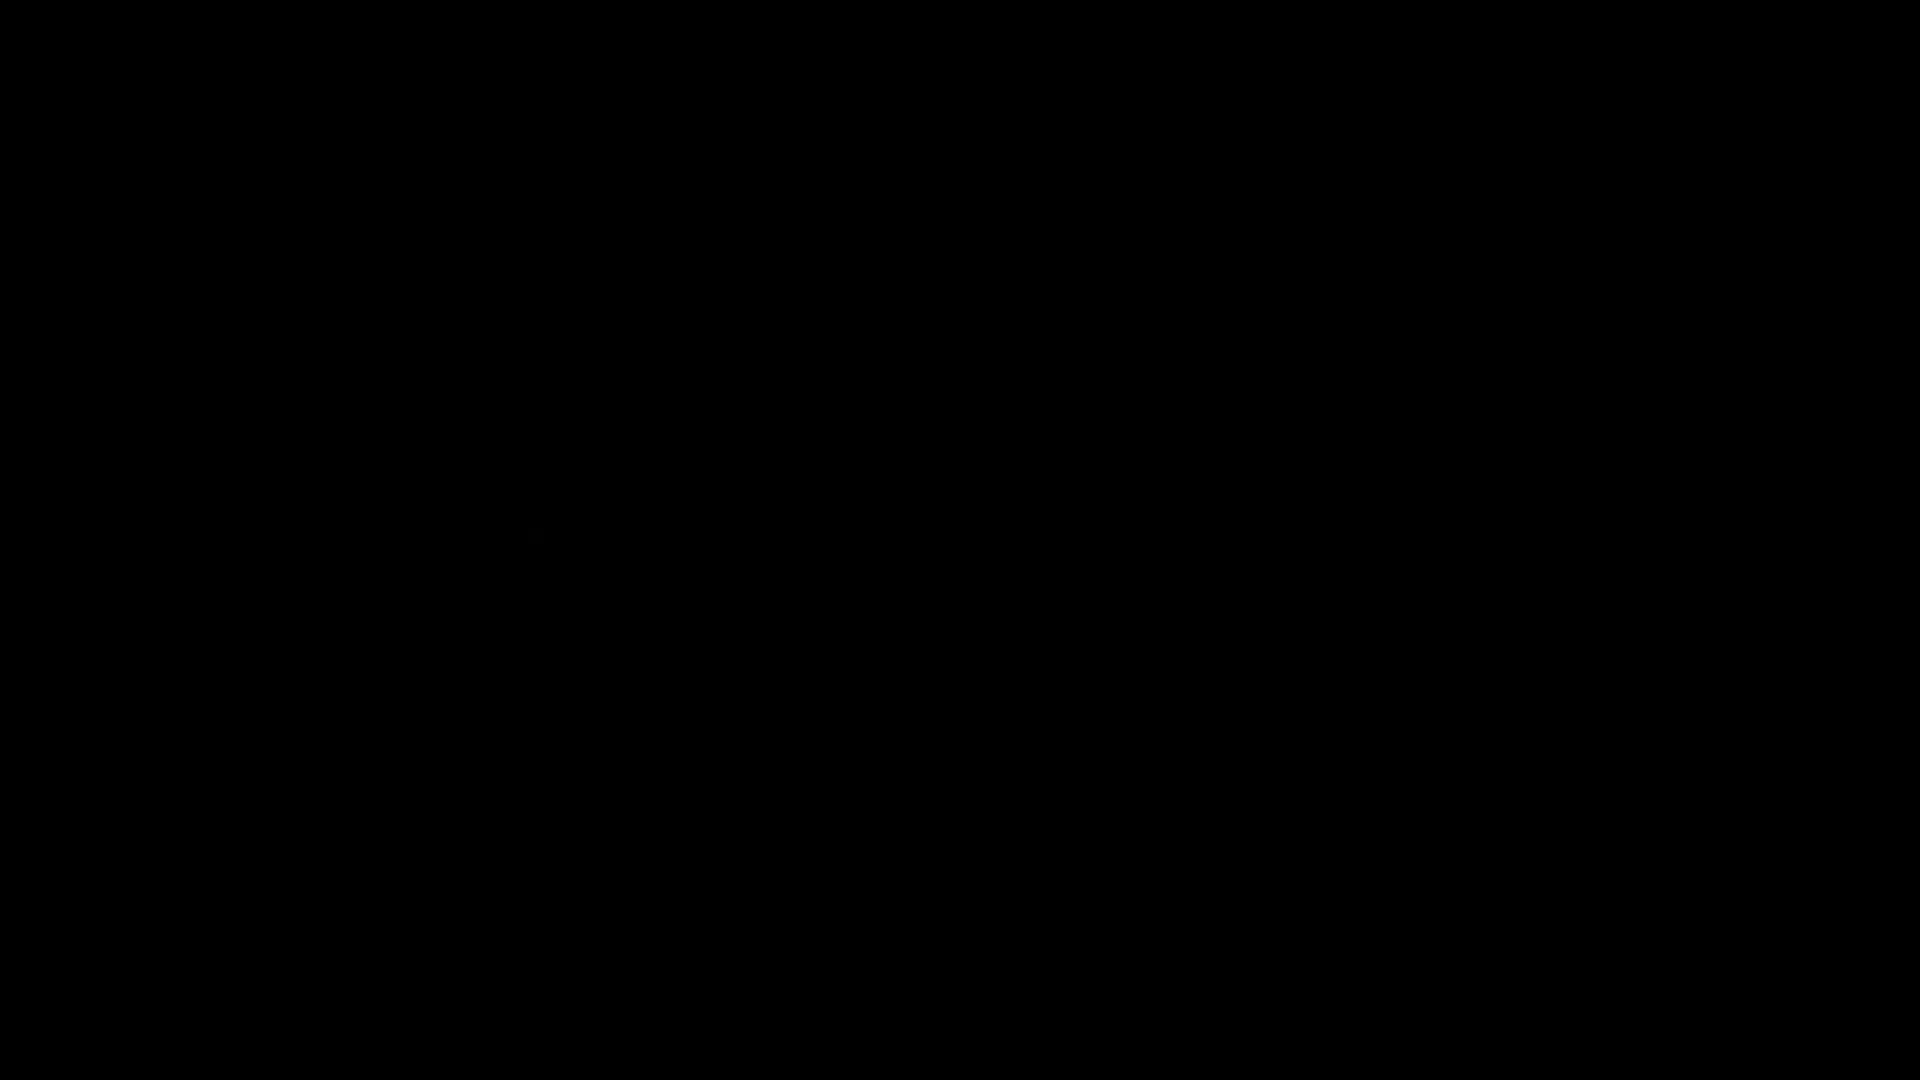 HONOREAL Joran Pancing Berputar, Tongkat Memancing Karbon Ultra Ringan 1.8M 2.1M